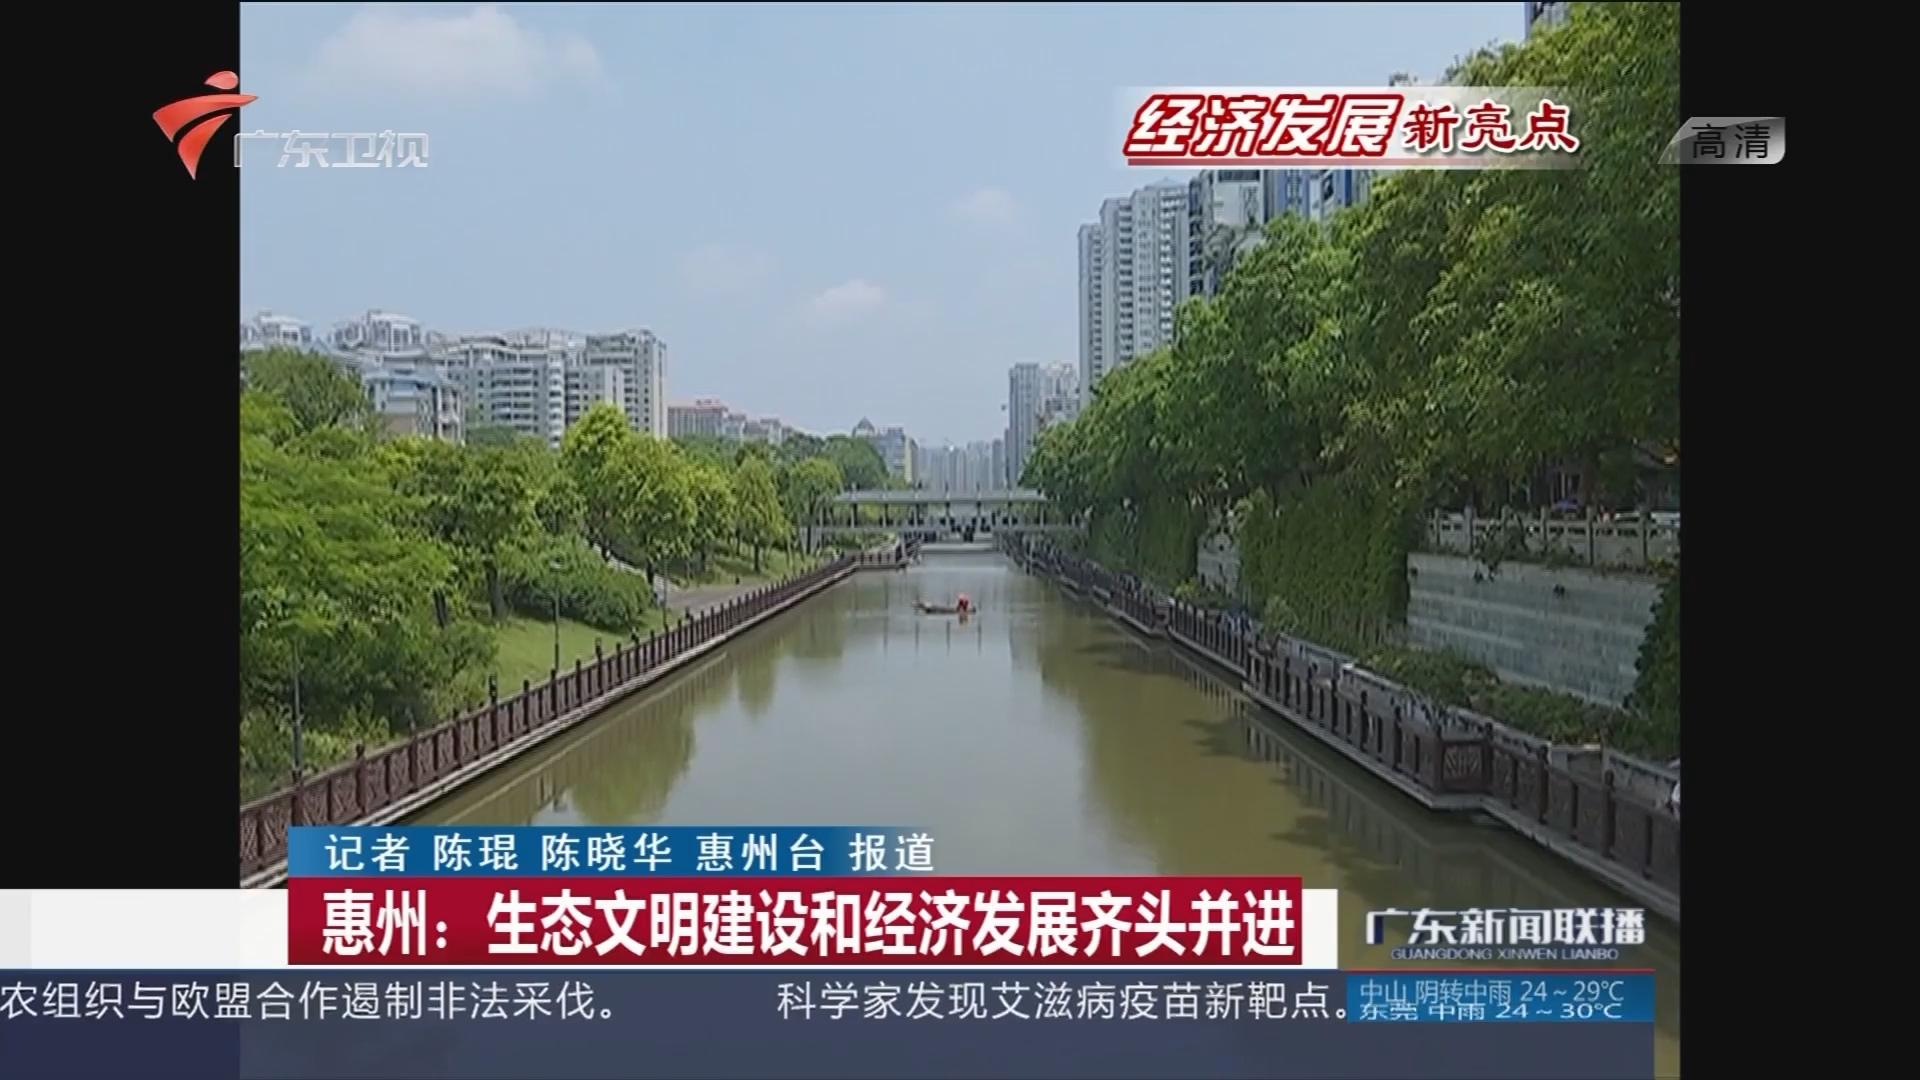 惠州:生态文明建设和经济发展齐头并进